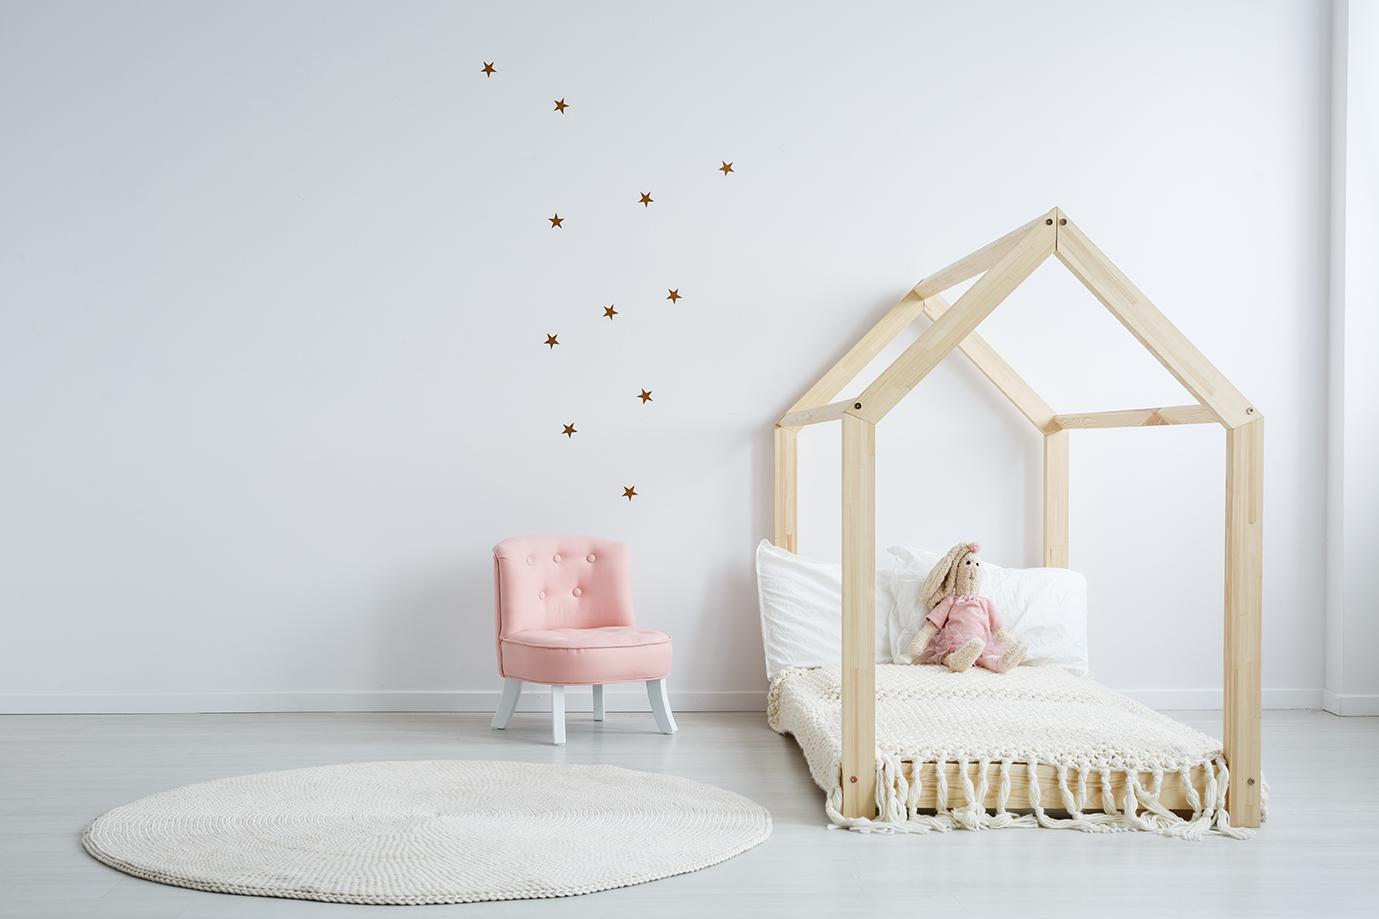 Le lit cabane de la chambre Montessori